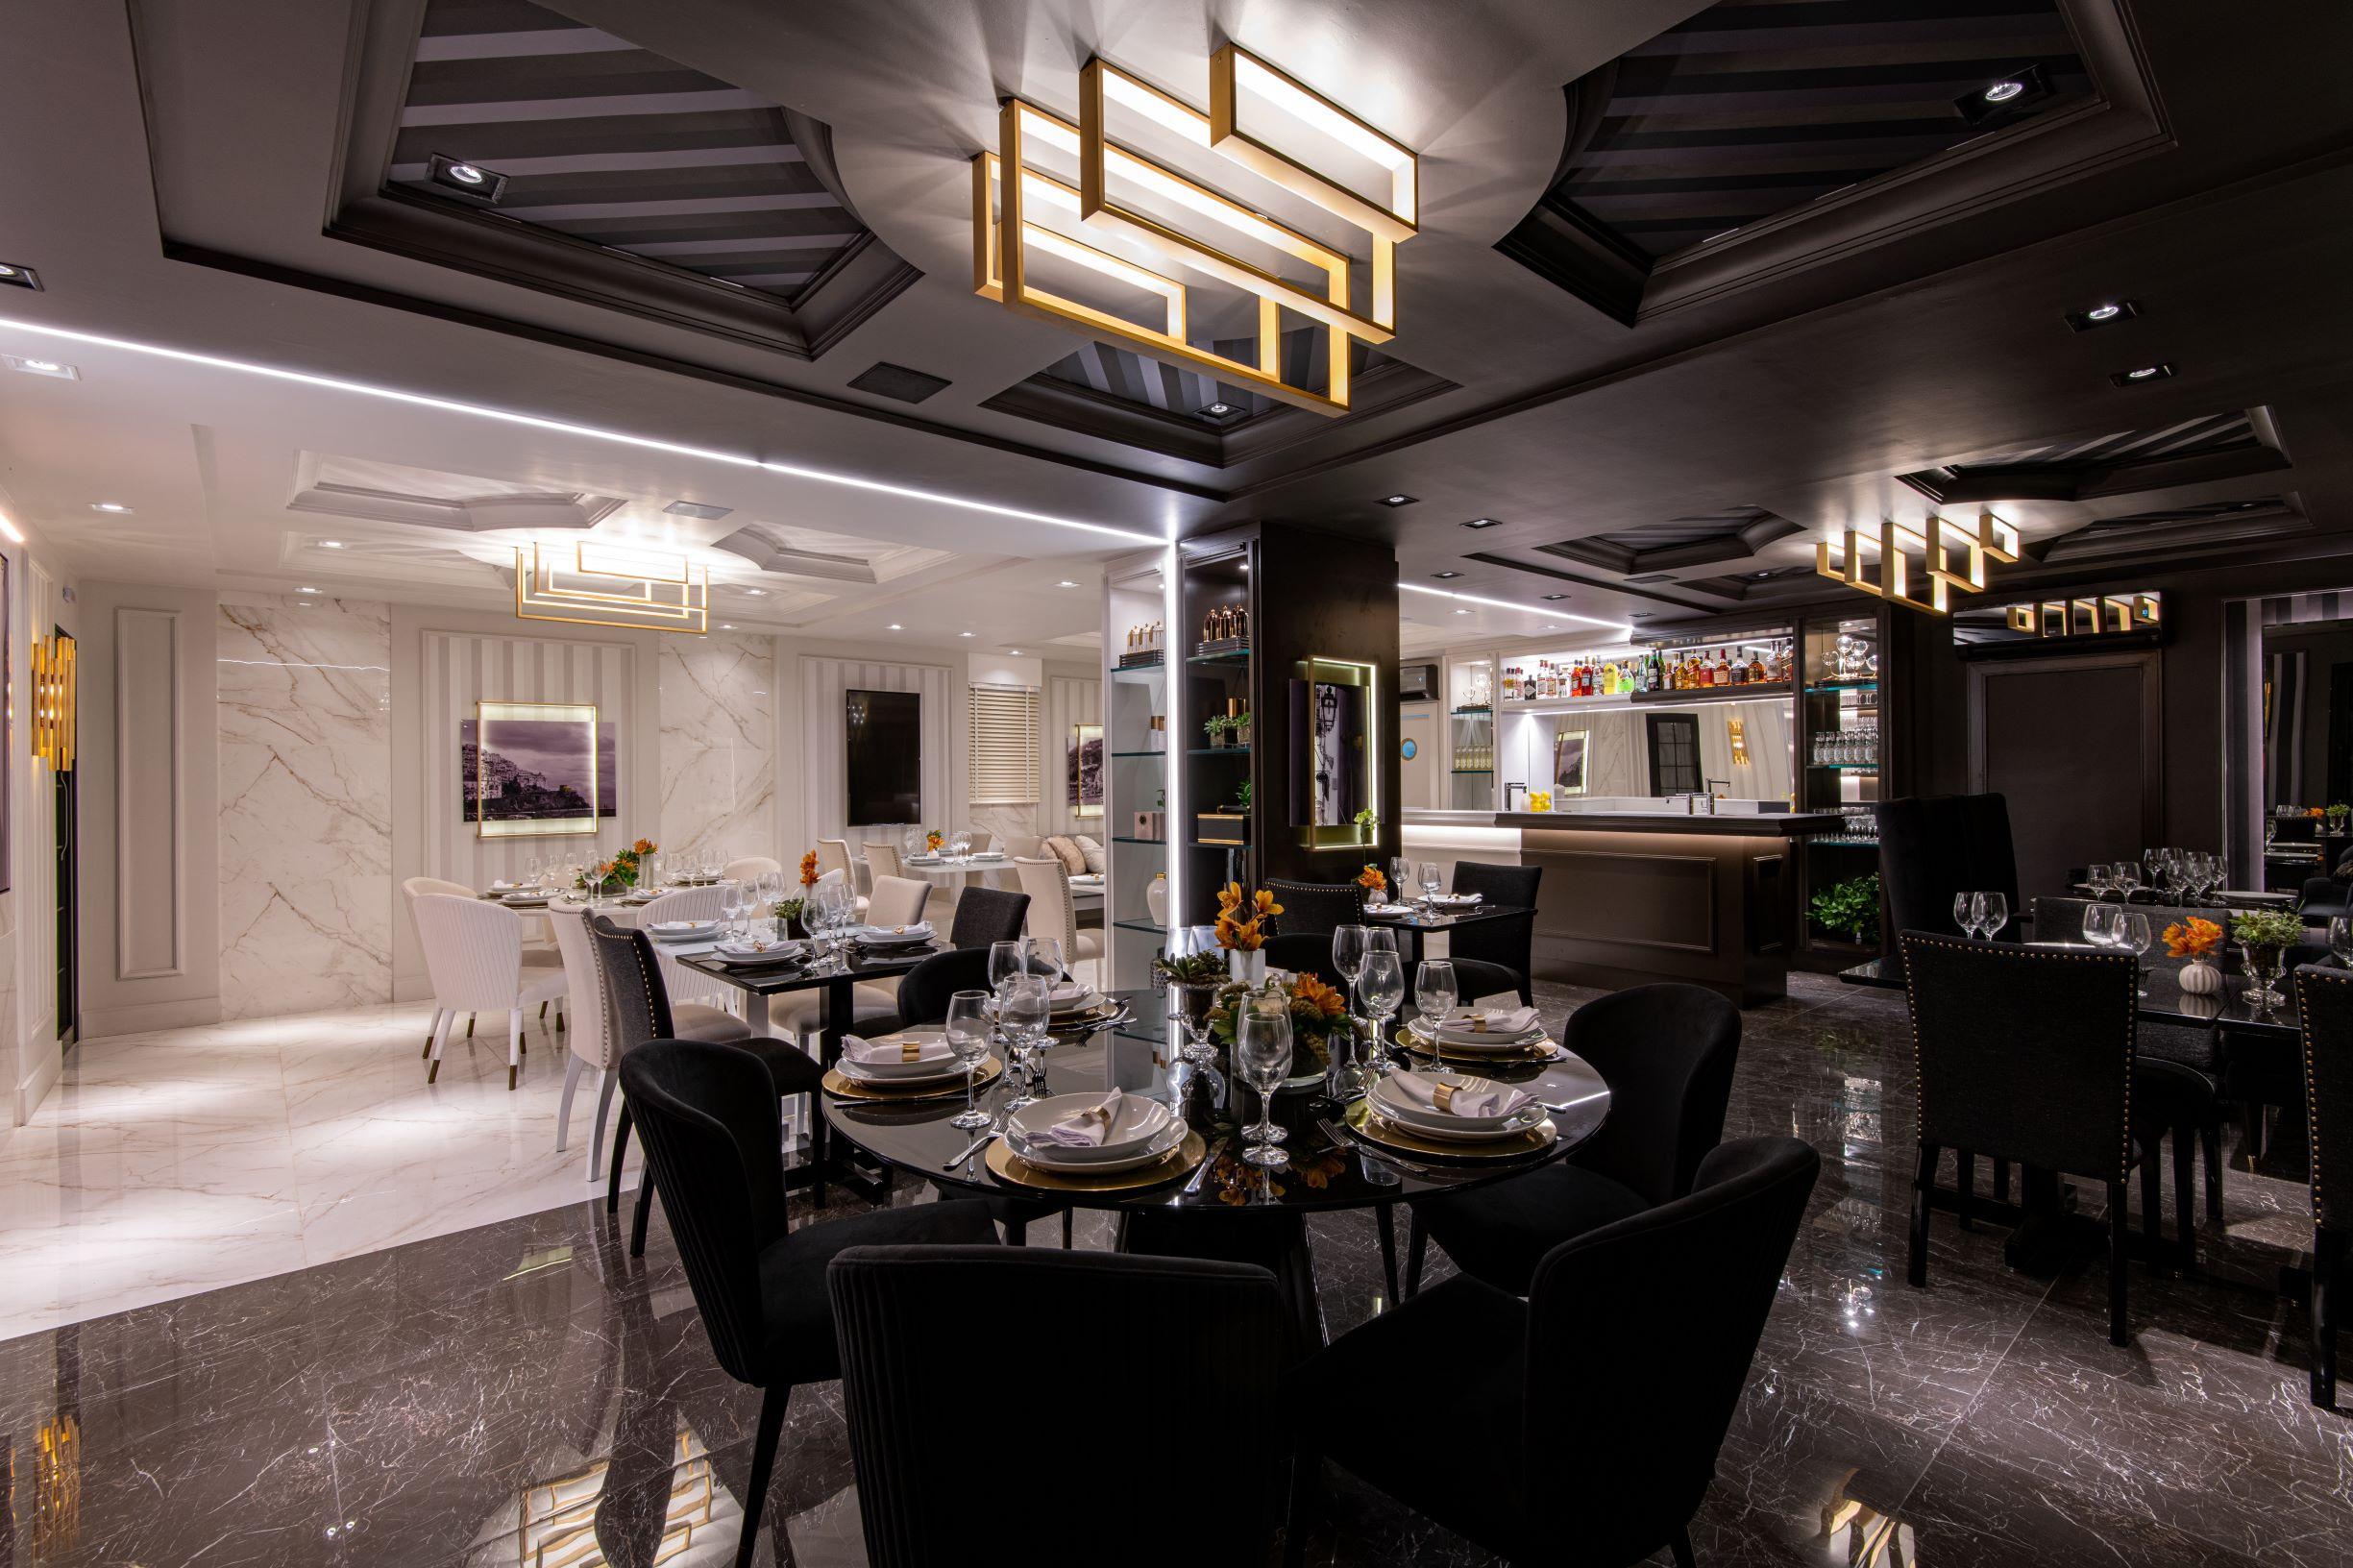 """Restaurante Limone, CASACOR São Paulo 2019, Habitat Projetos Inteligentes. """"Lado noite"""", porcelanato que imita mármore, cadeiras clássicas pretas, mesas de mármore preto, armários marrons e teto com revestimento de gesso e relevo."""